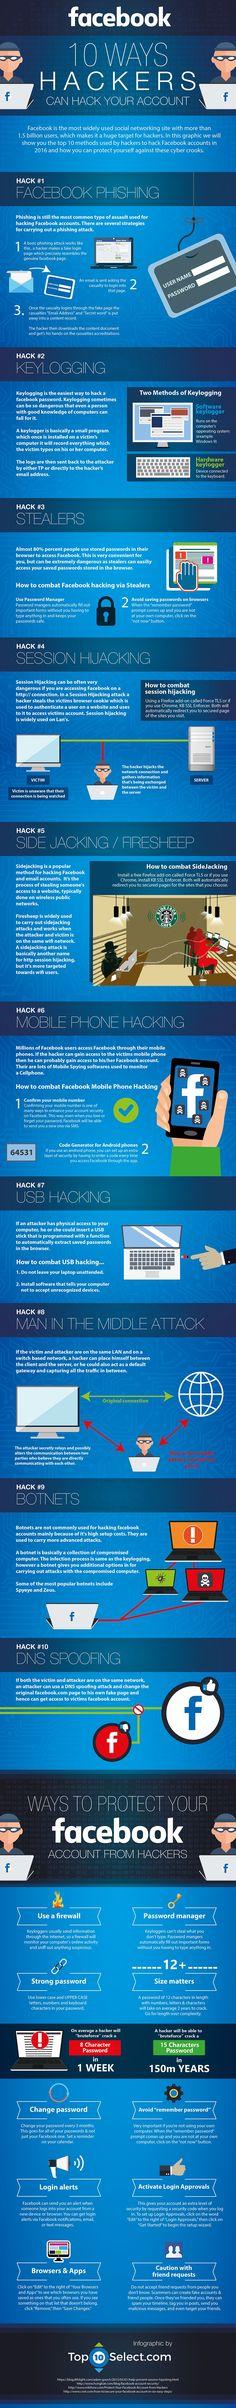 10 formas en las que pueden hackear tu cuenta de Facebook #infografia #infographic #socialmedia | TICs y Formación